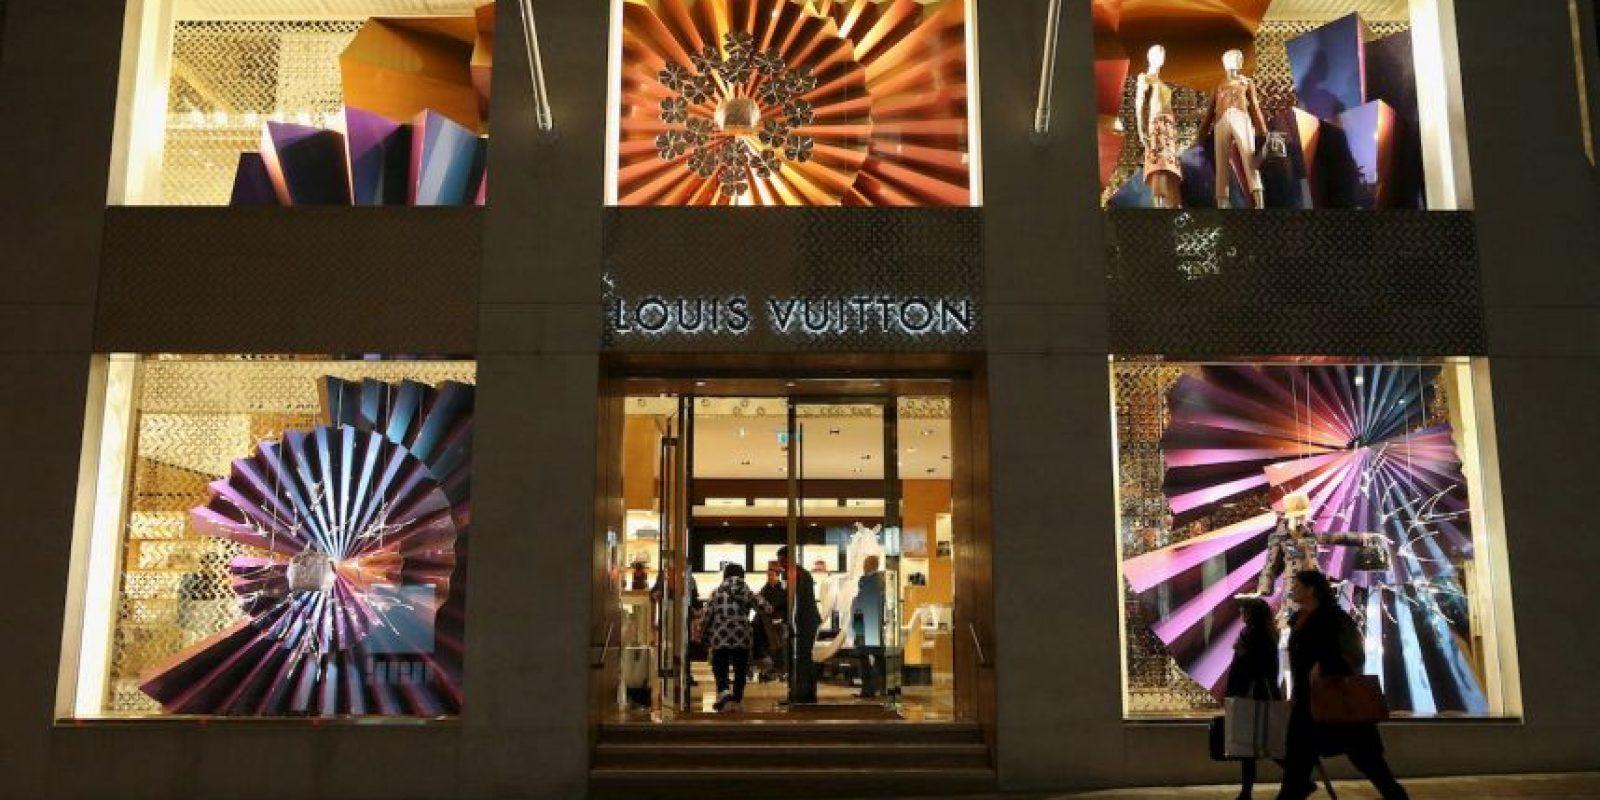 10) Louis Vuitton 29 mil 900 millones de dólares